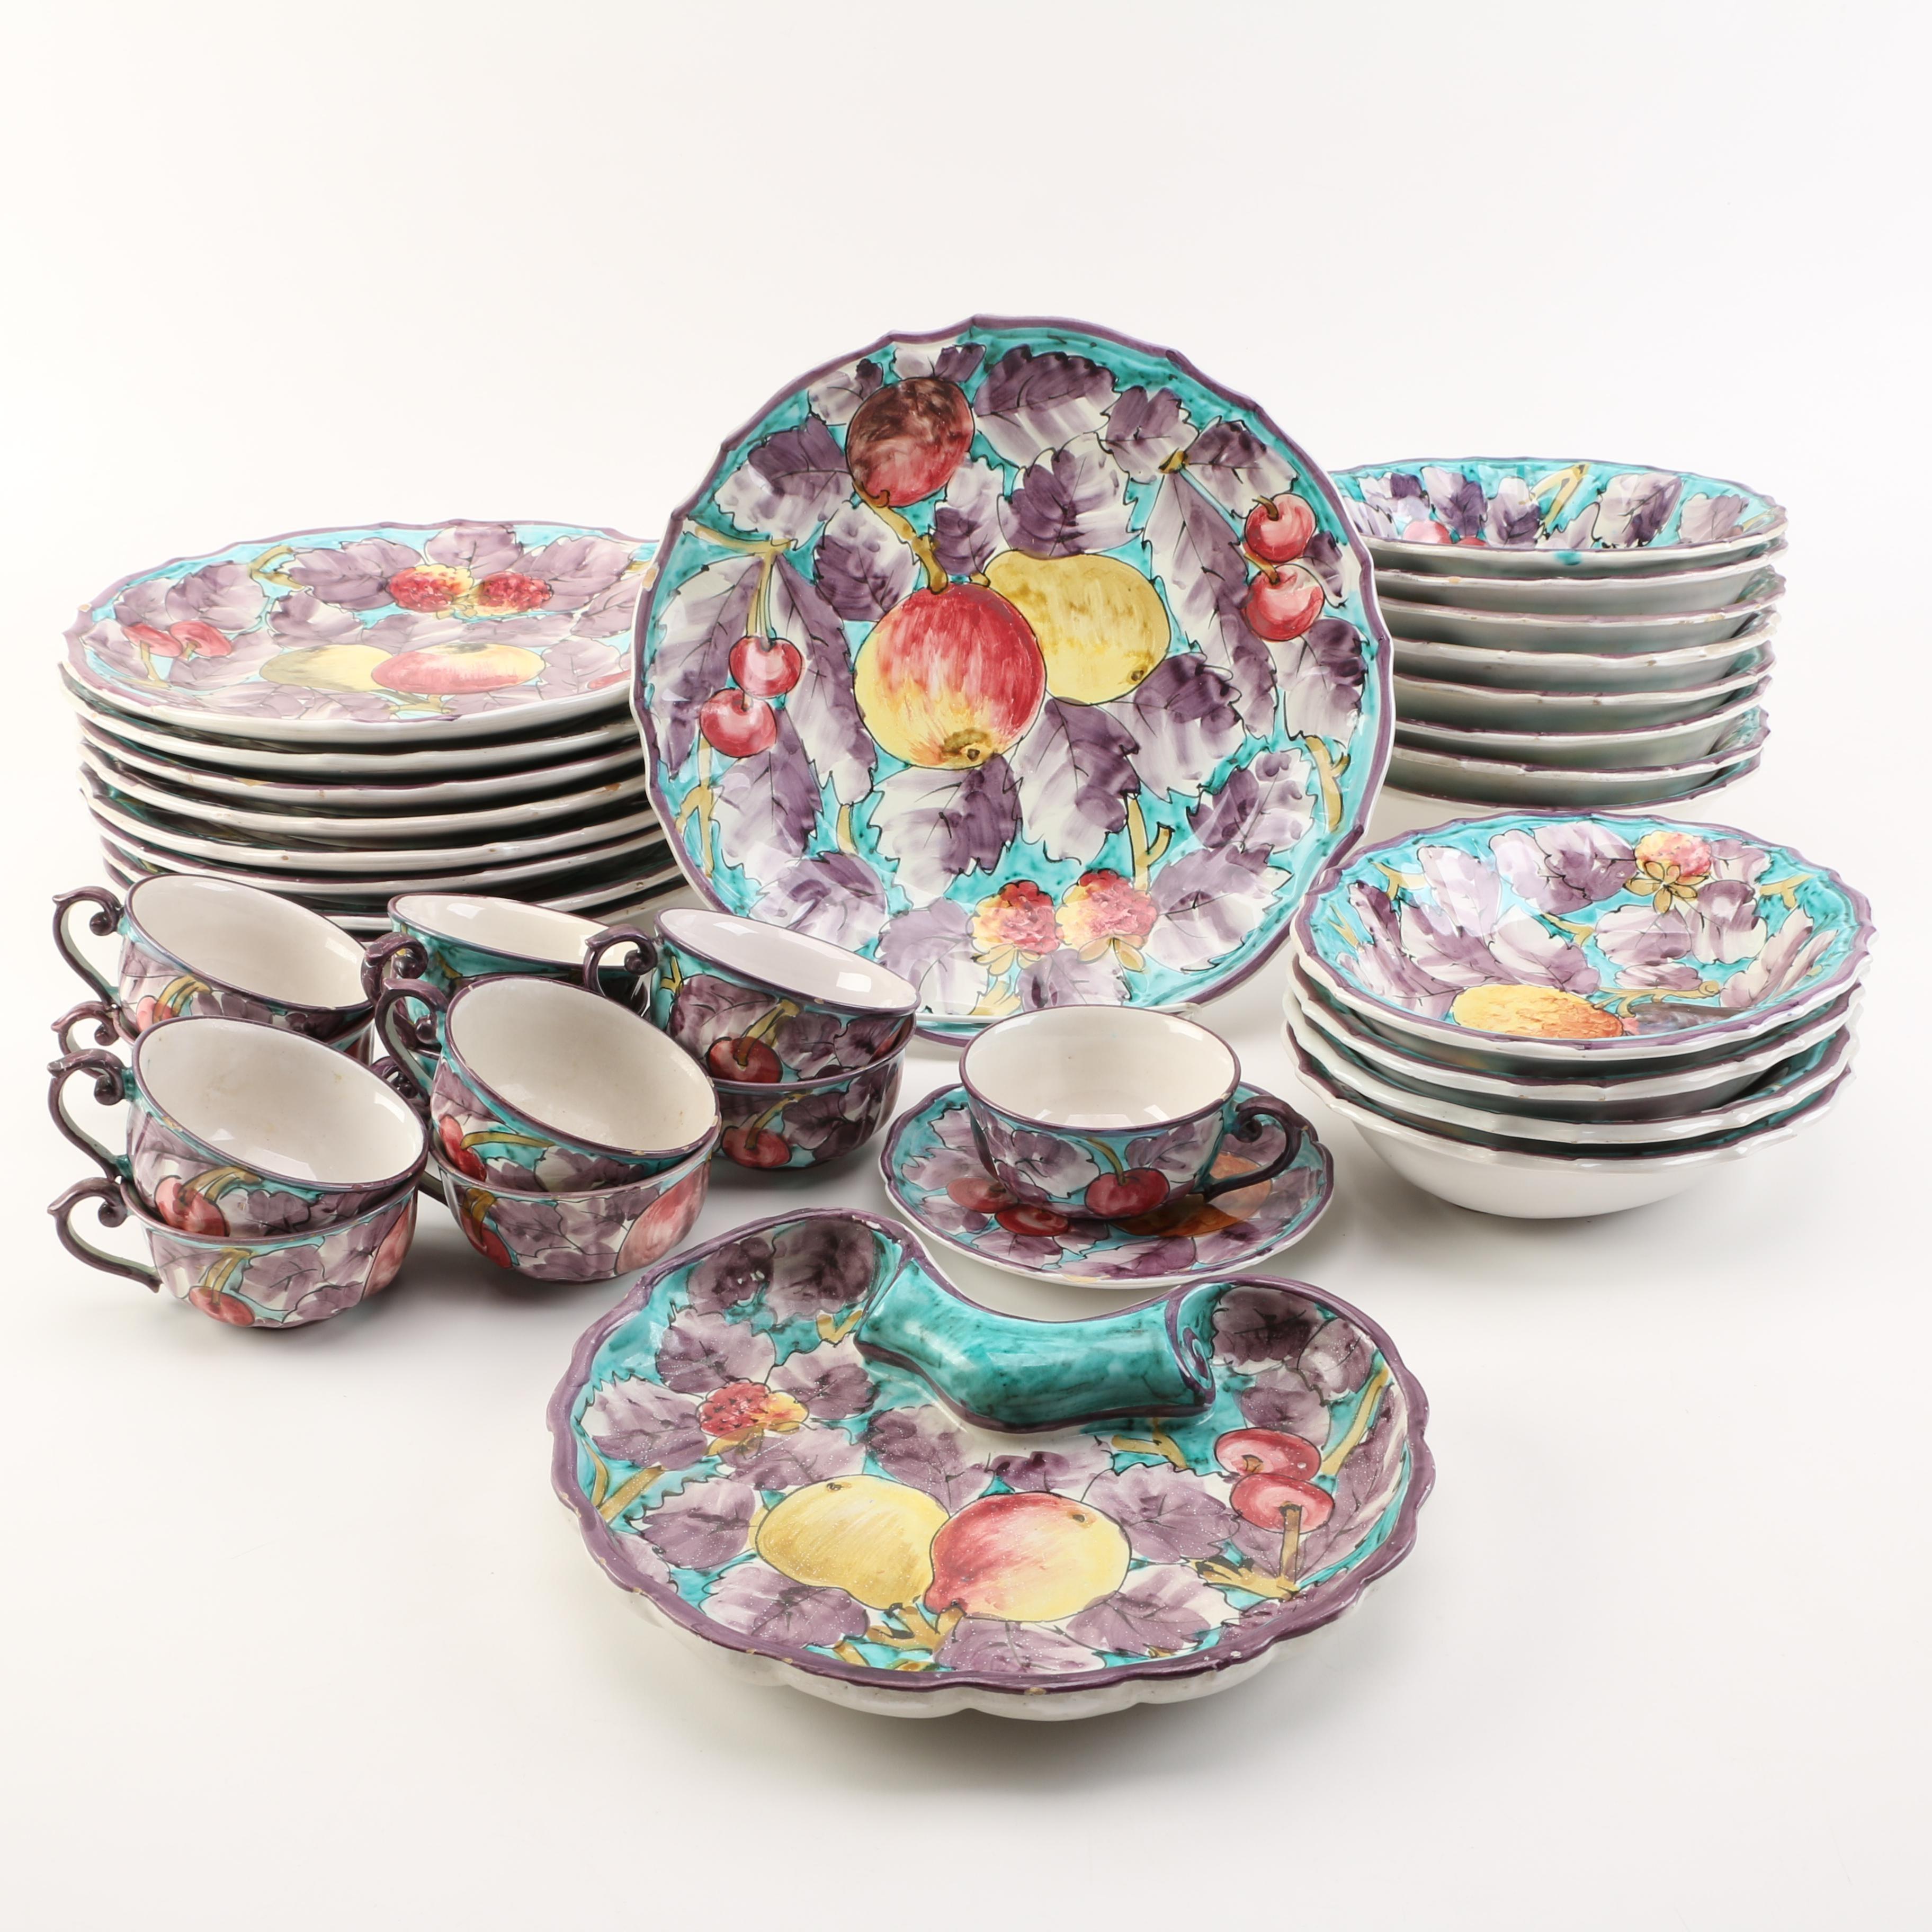 Italian Ceramic Tableware Set ...  sc 1 st  EBTH.com & Italian Ceramic Tableware Set : EBTH